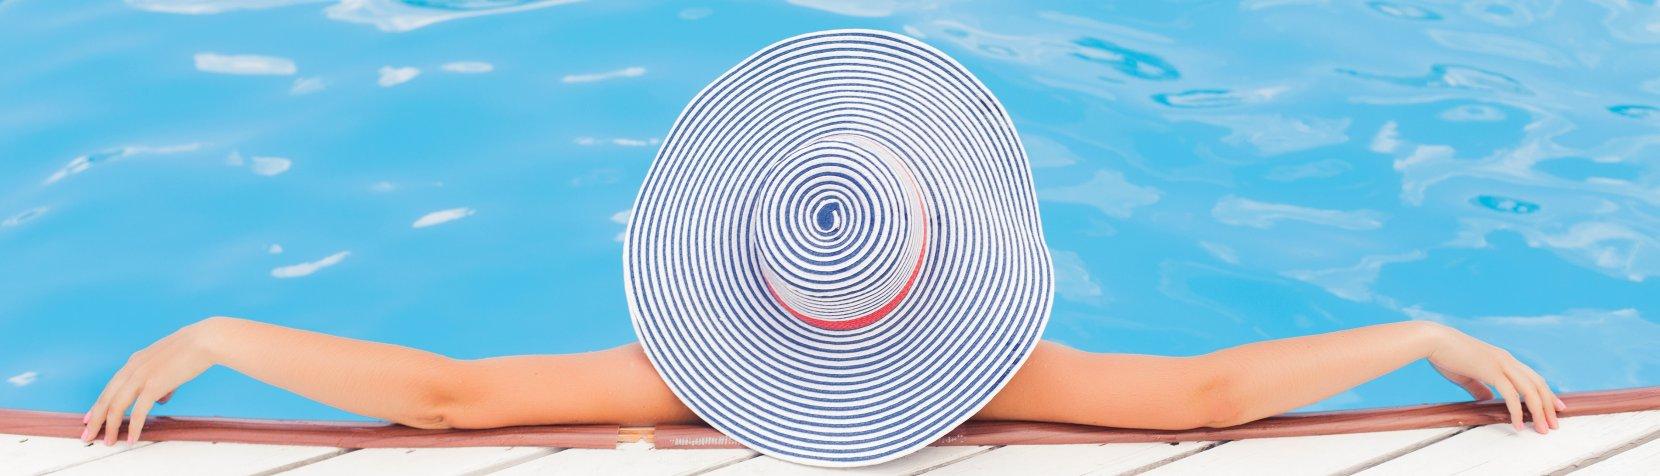 Sommer i svømmehallen - dame med hat